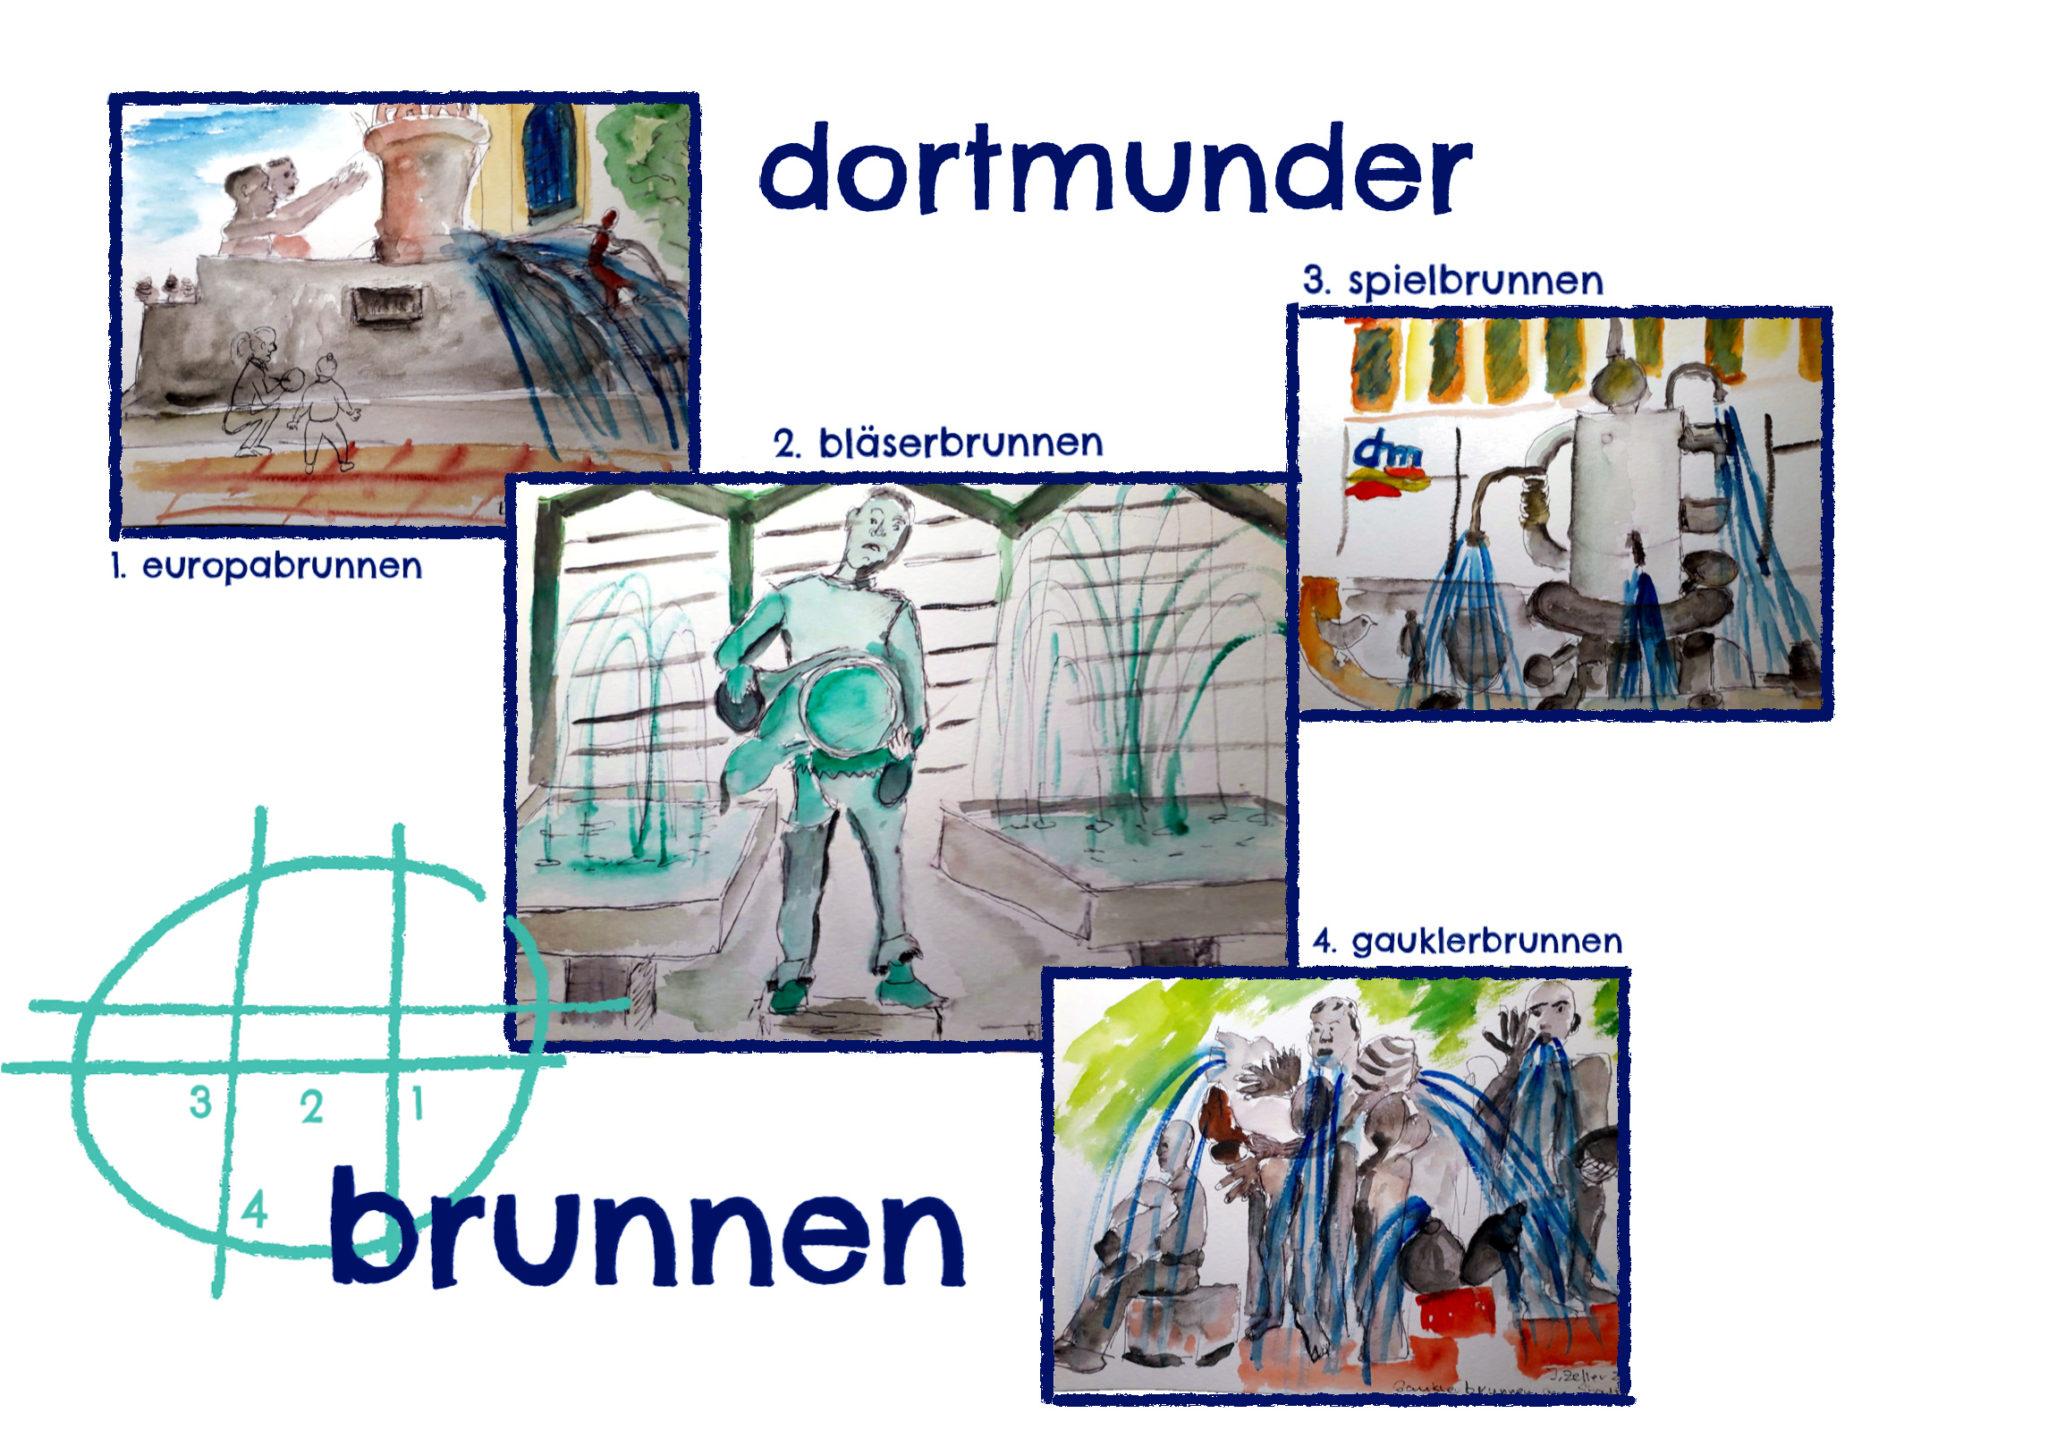 Dortmunder Brunnen - Inge Zeller